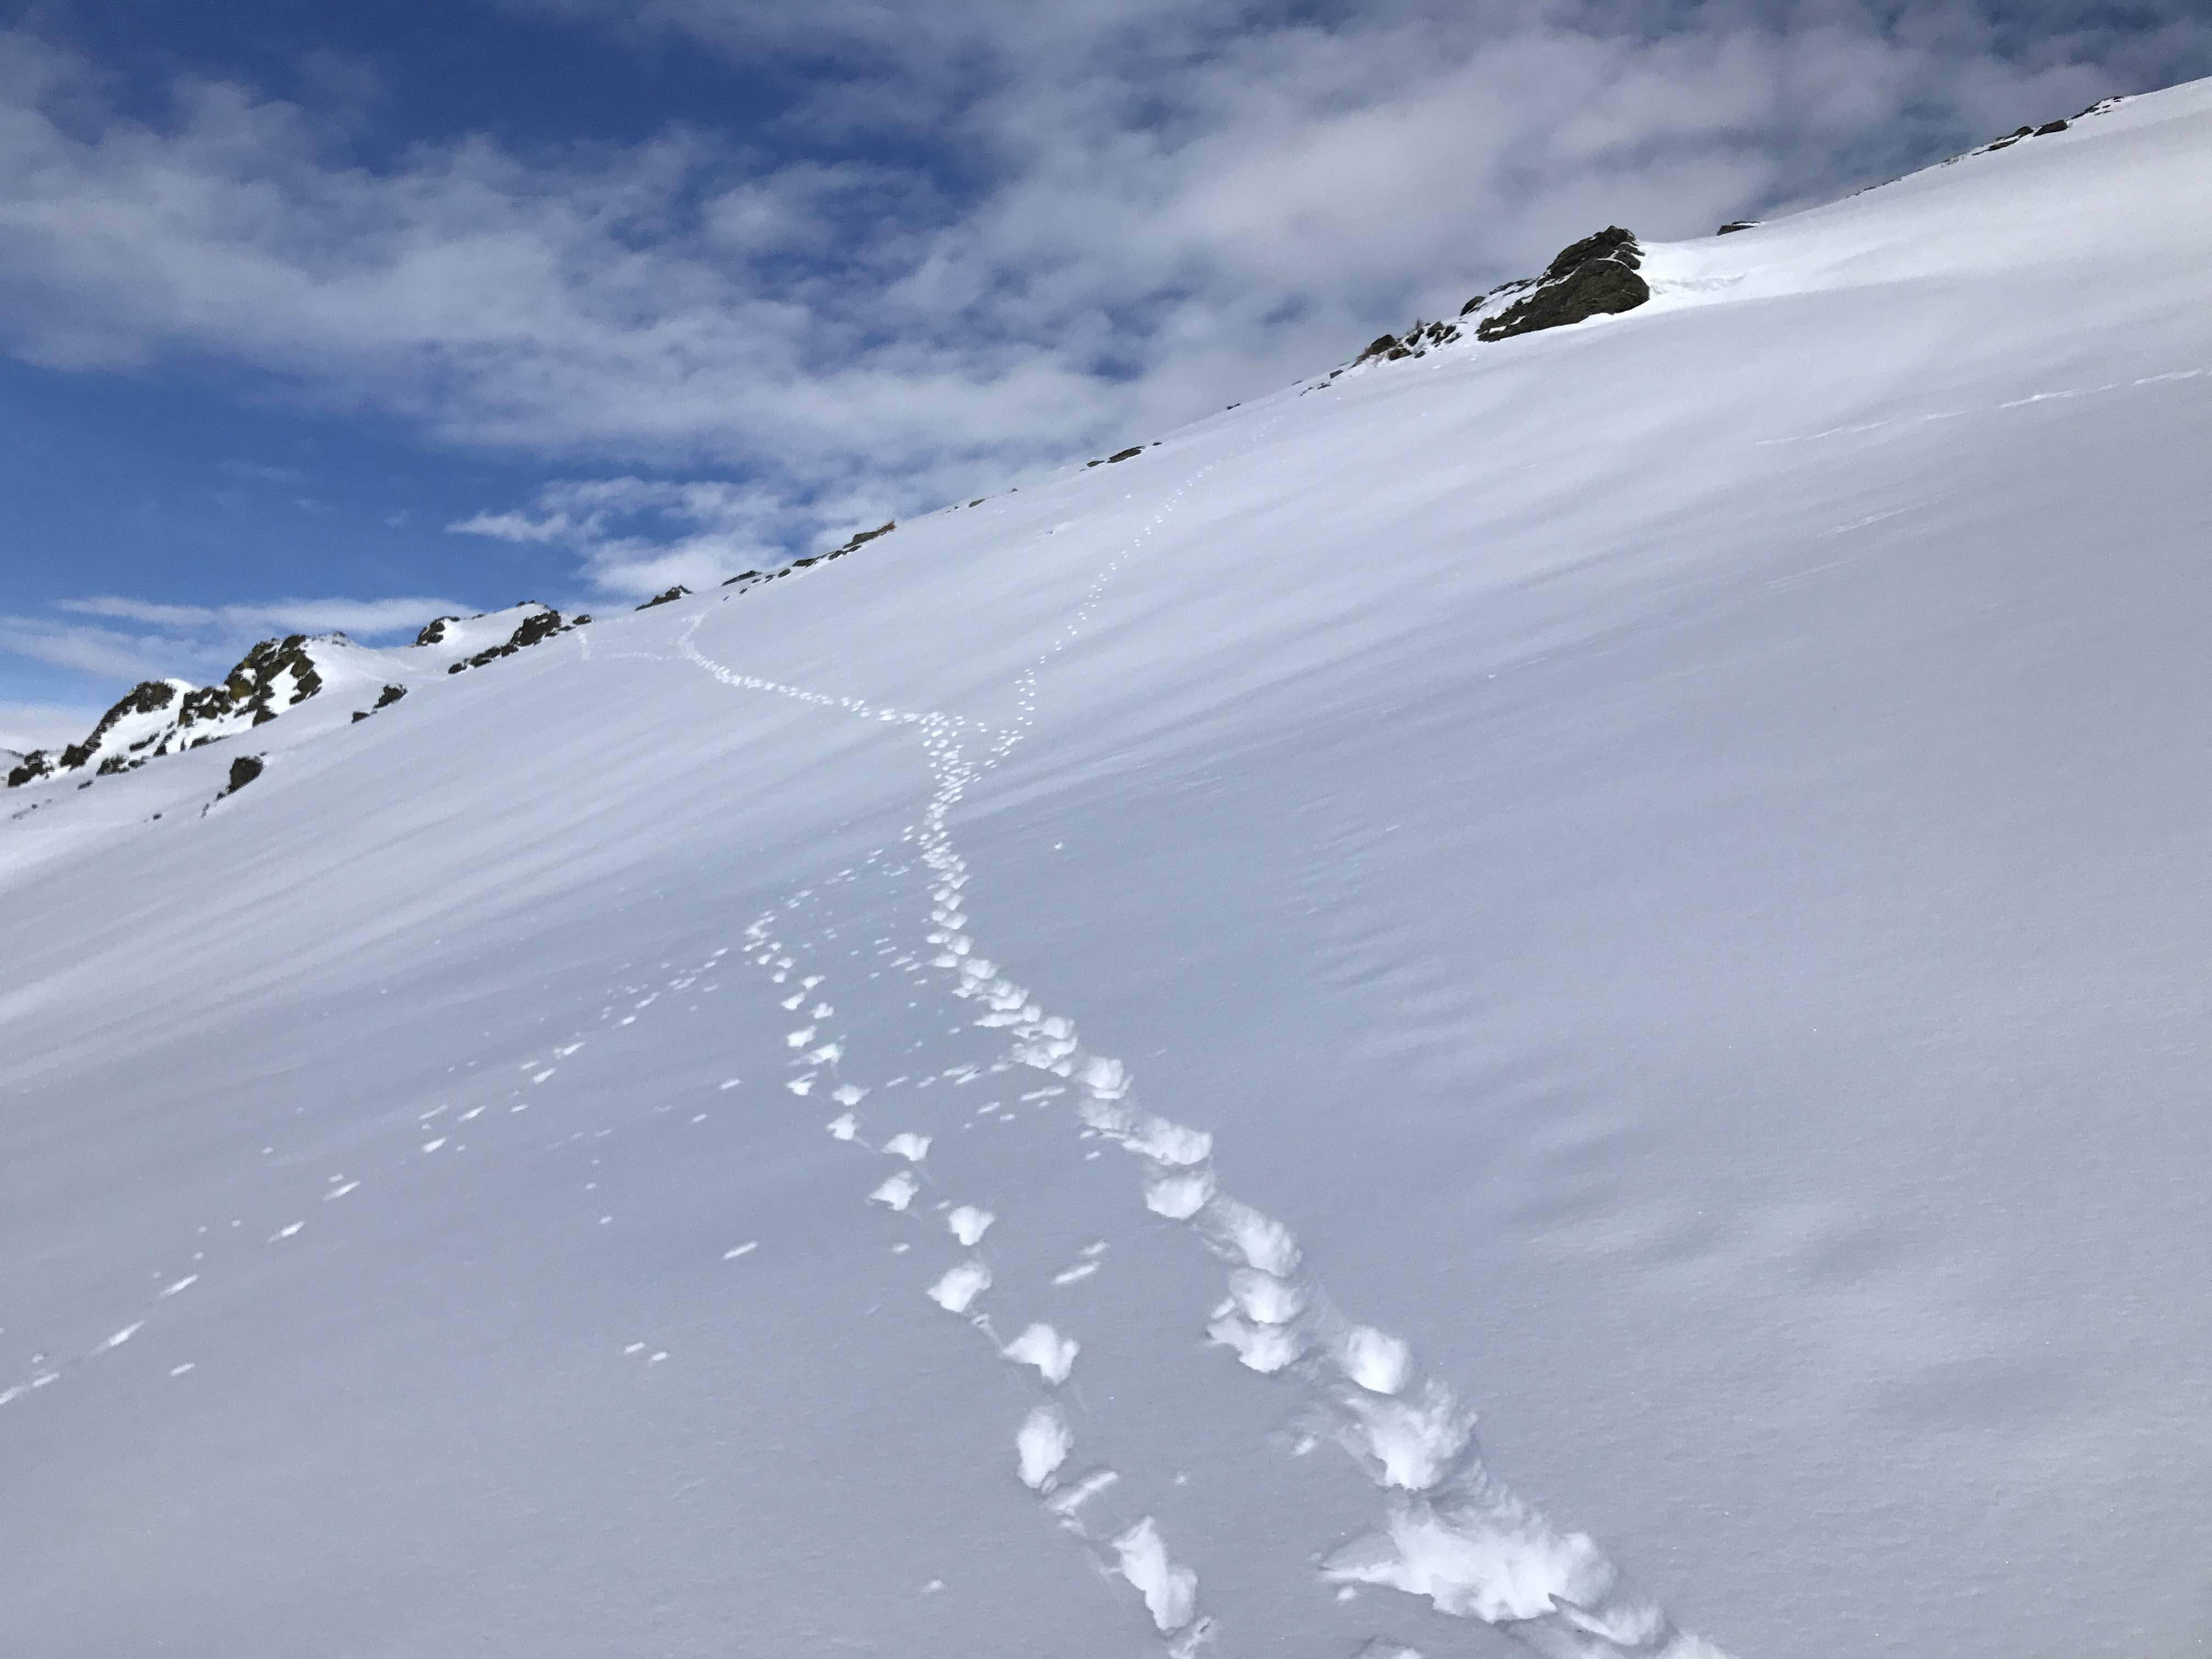 Kurzfristig war es durch die Ausgangsbeschränkungen ruhig am Berg. Unbehelligt zog ein Rudel Gämsen ihre Spuren in den Schnee. Foto: Christina Schwann